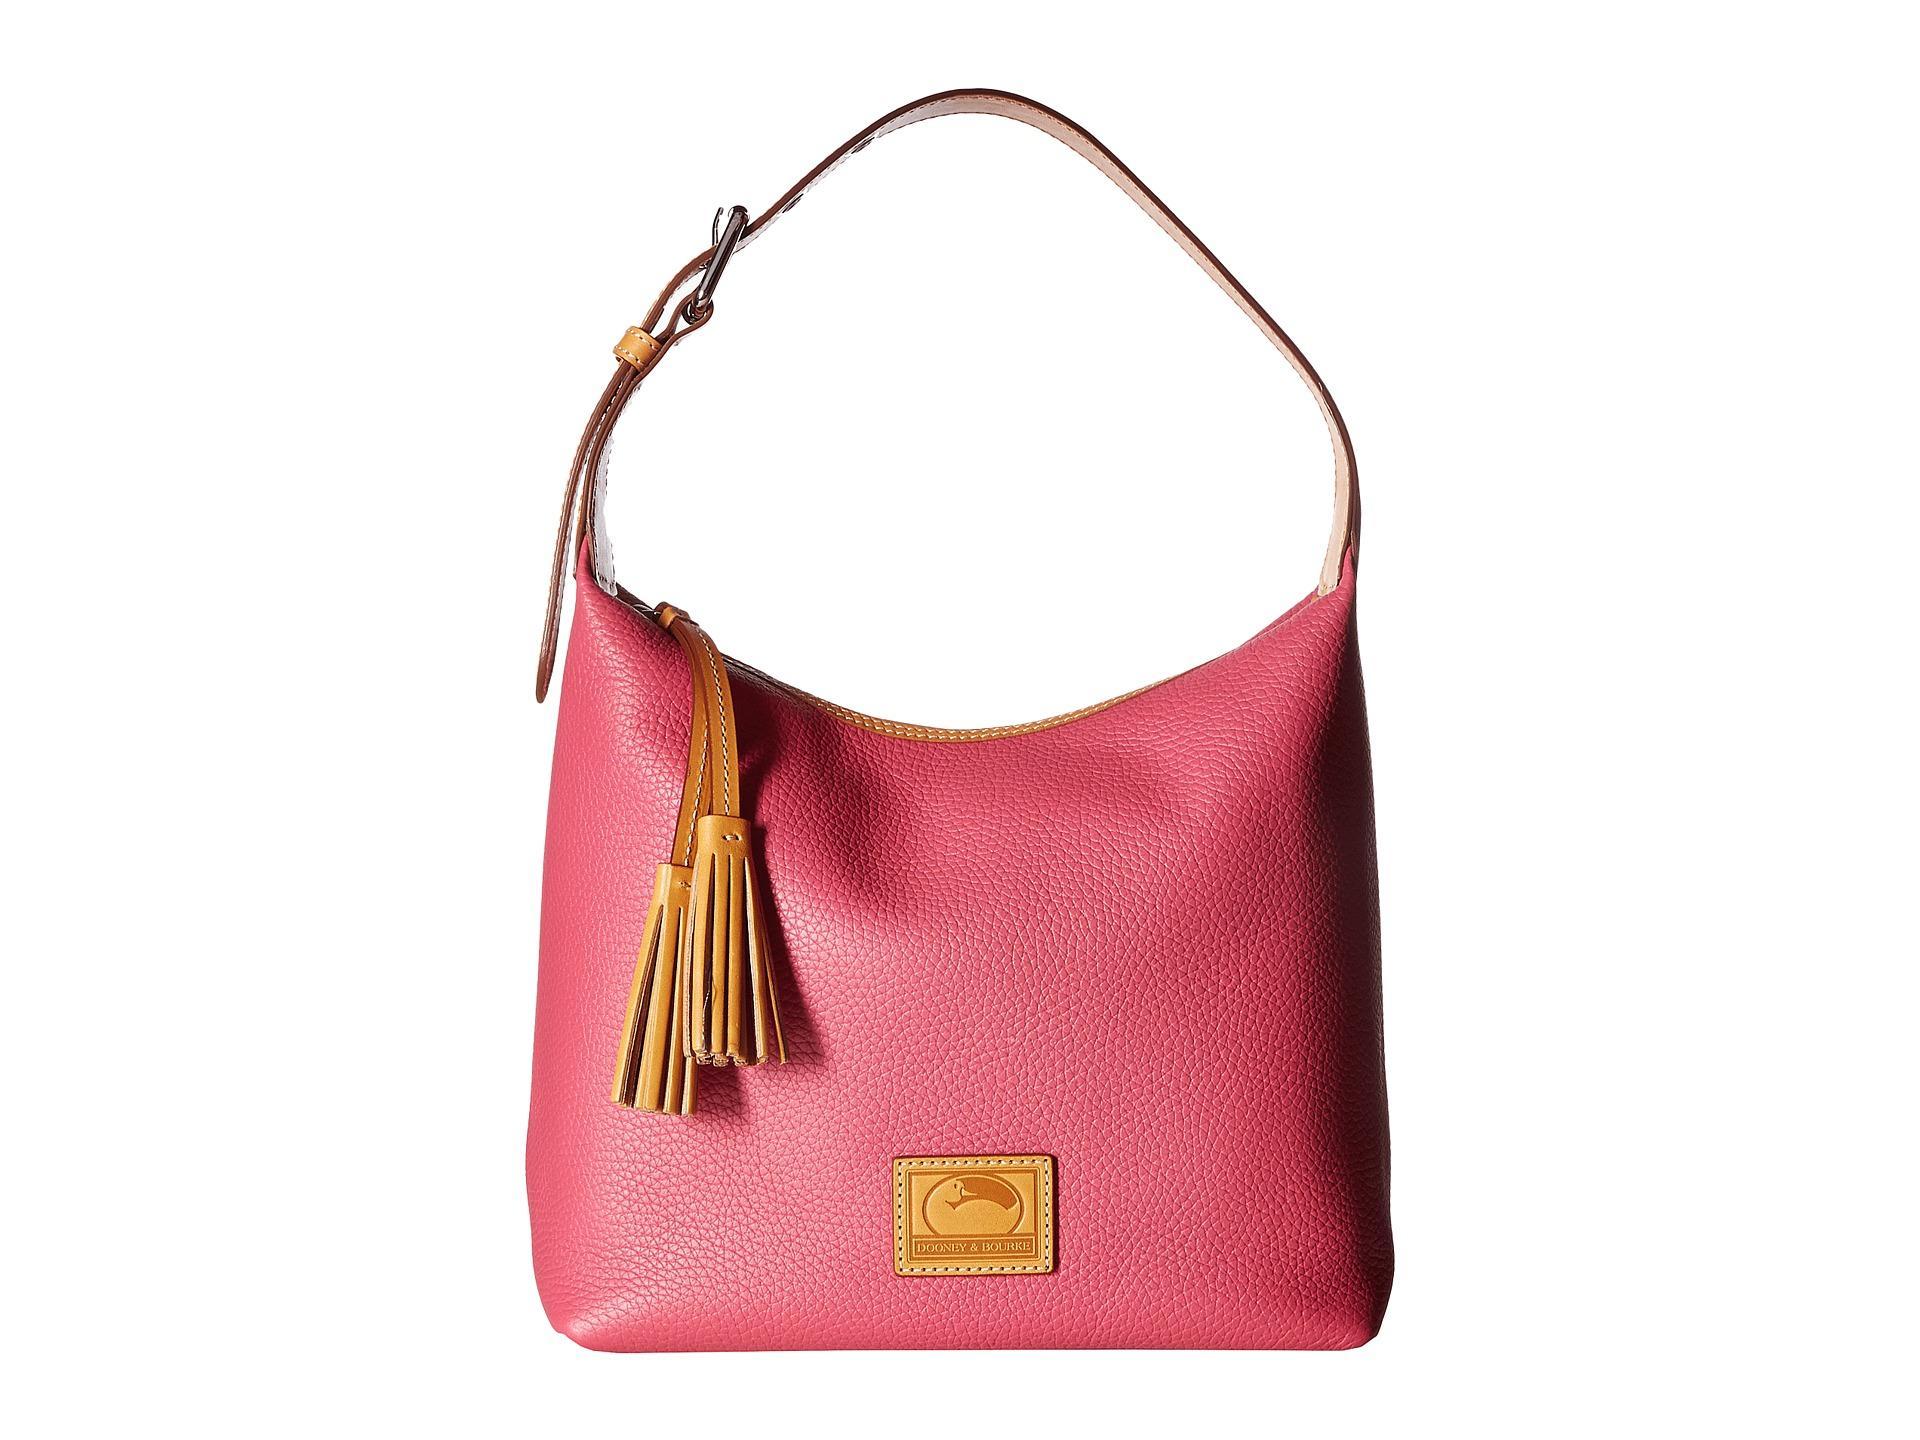 Dooney Bourke Pink Purse Best Image Ccdbb